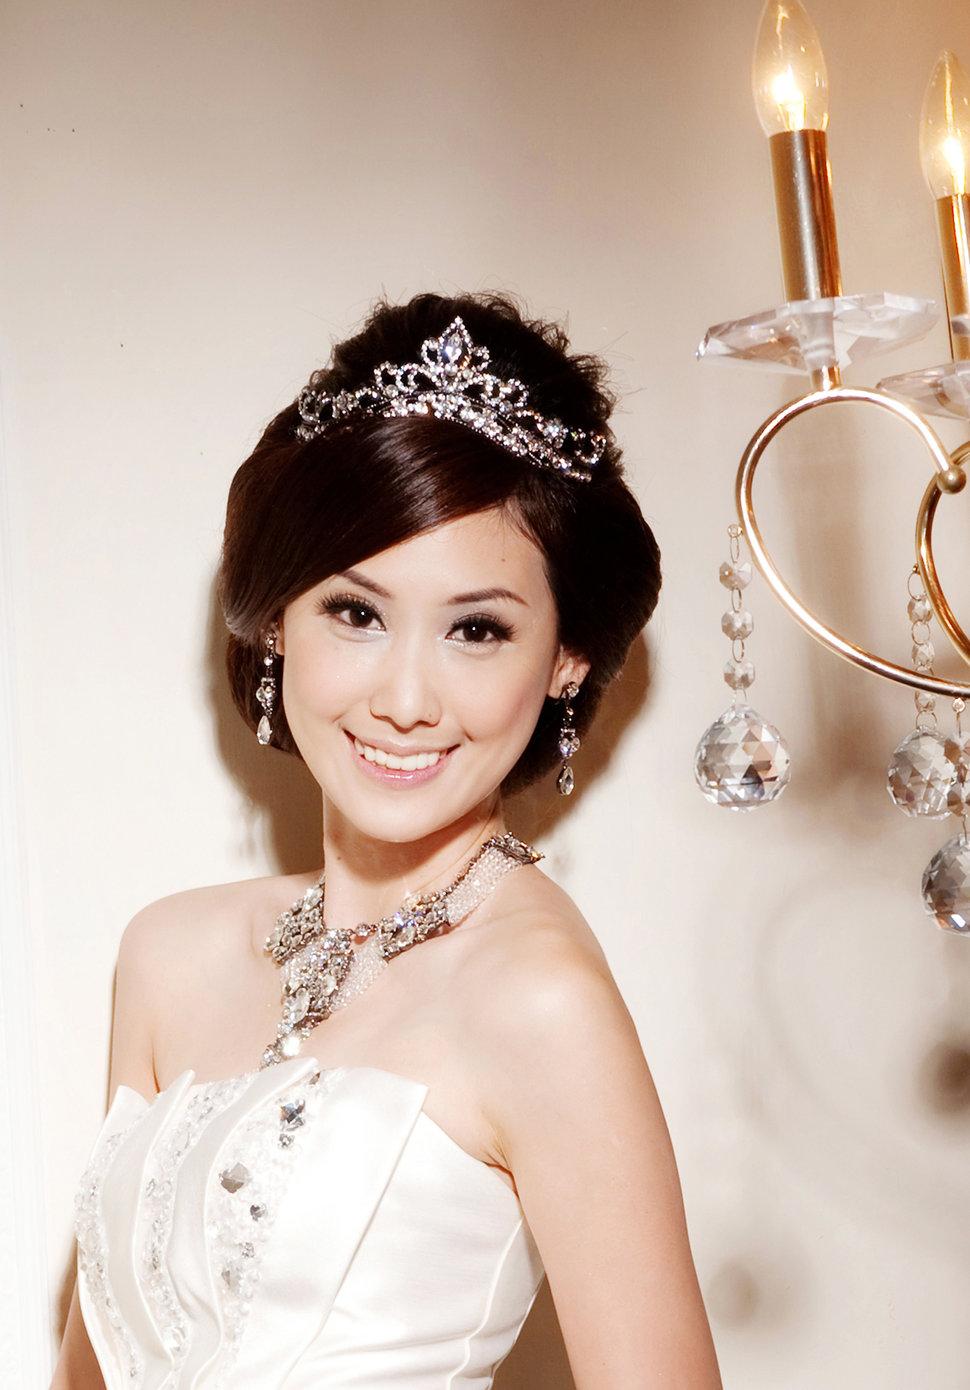 蓓麗宛婚禮事業(編號:559008) - 蓓麗宛婚禮時尚《結婚吧》